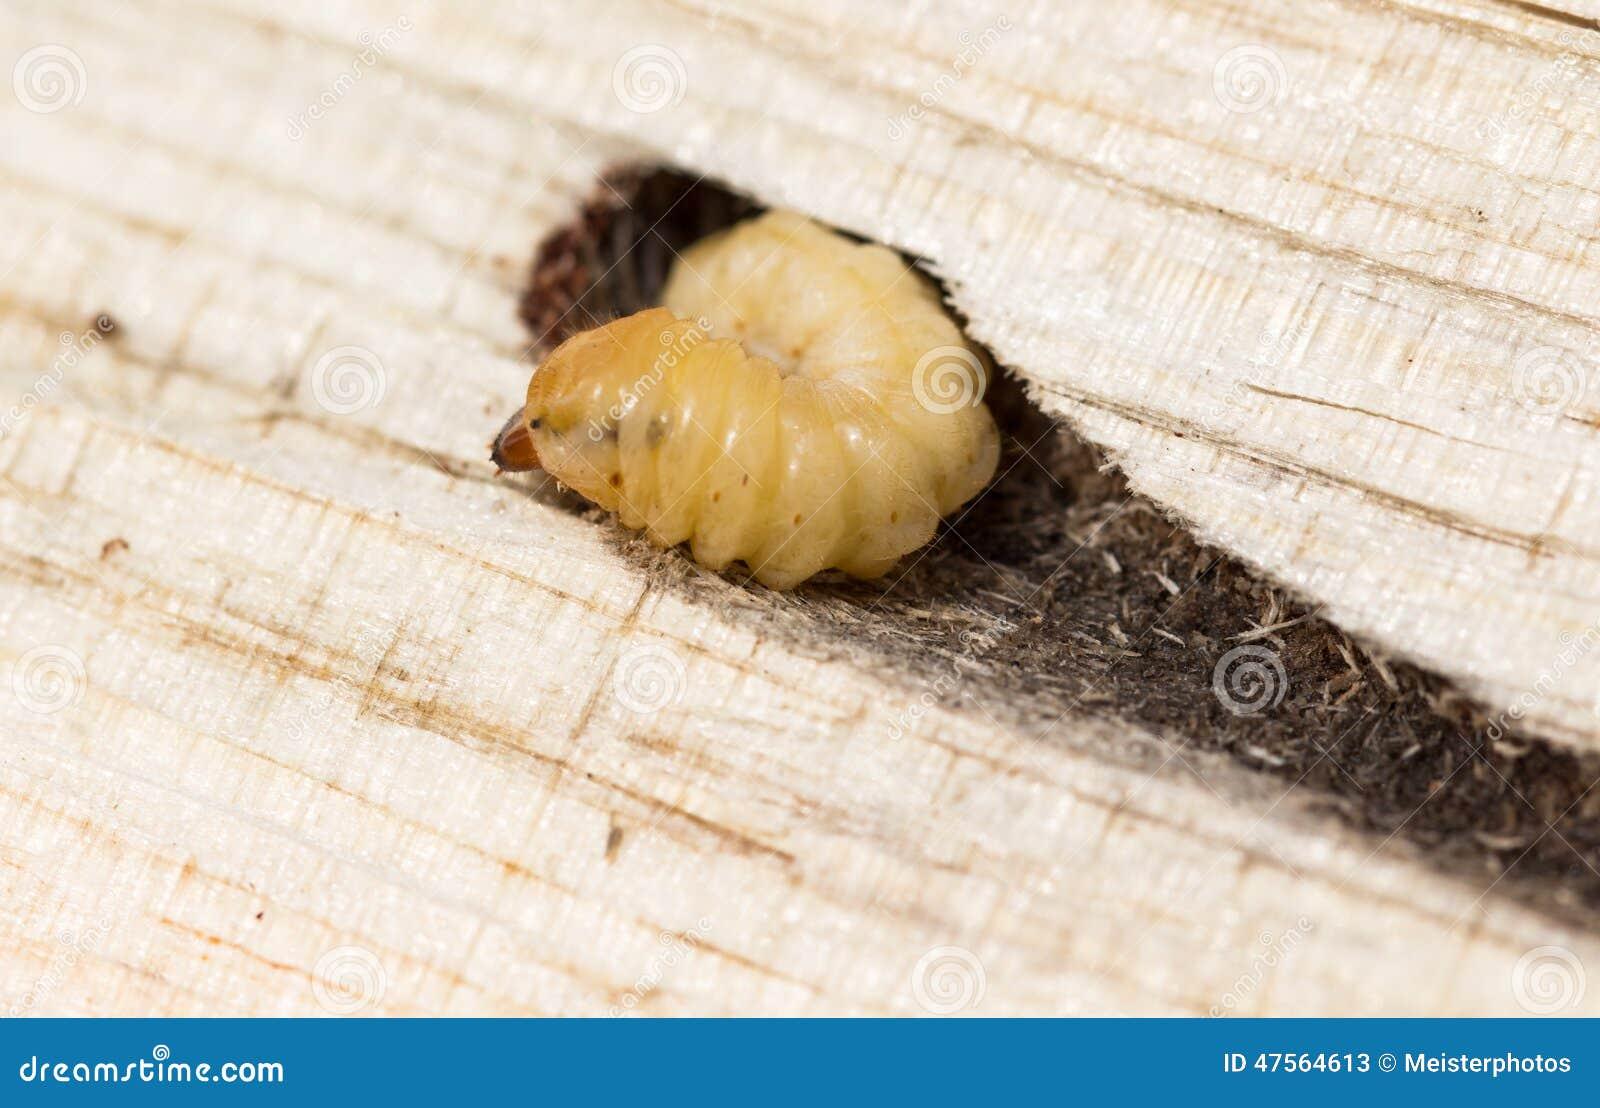 larve dans le tunnel en bois de pin image stock image du larves col opt res 47564613. Black Bedroom Furniture Sets. Home Design Ideas